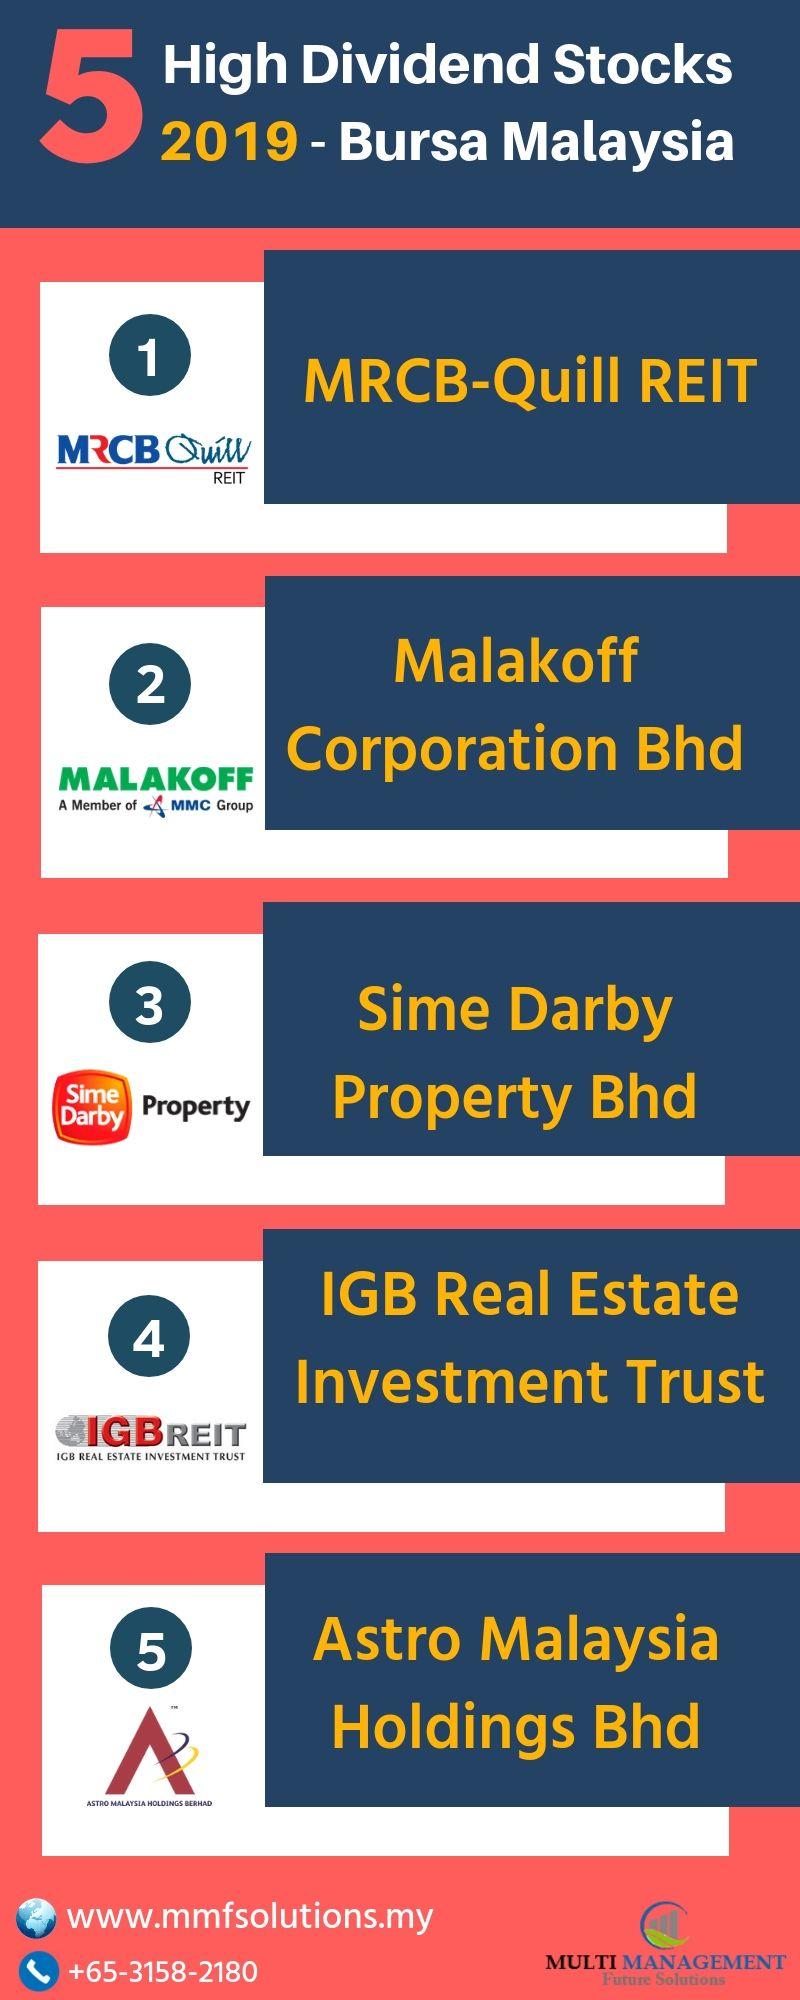 dividendstock BursaMalaysia mmfsolutions Dividend